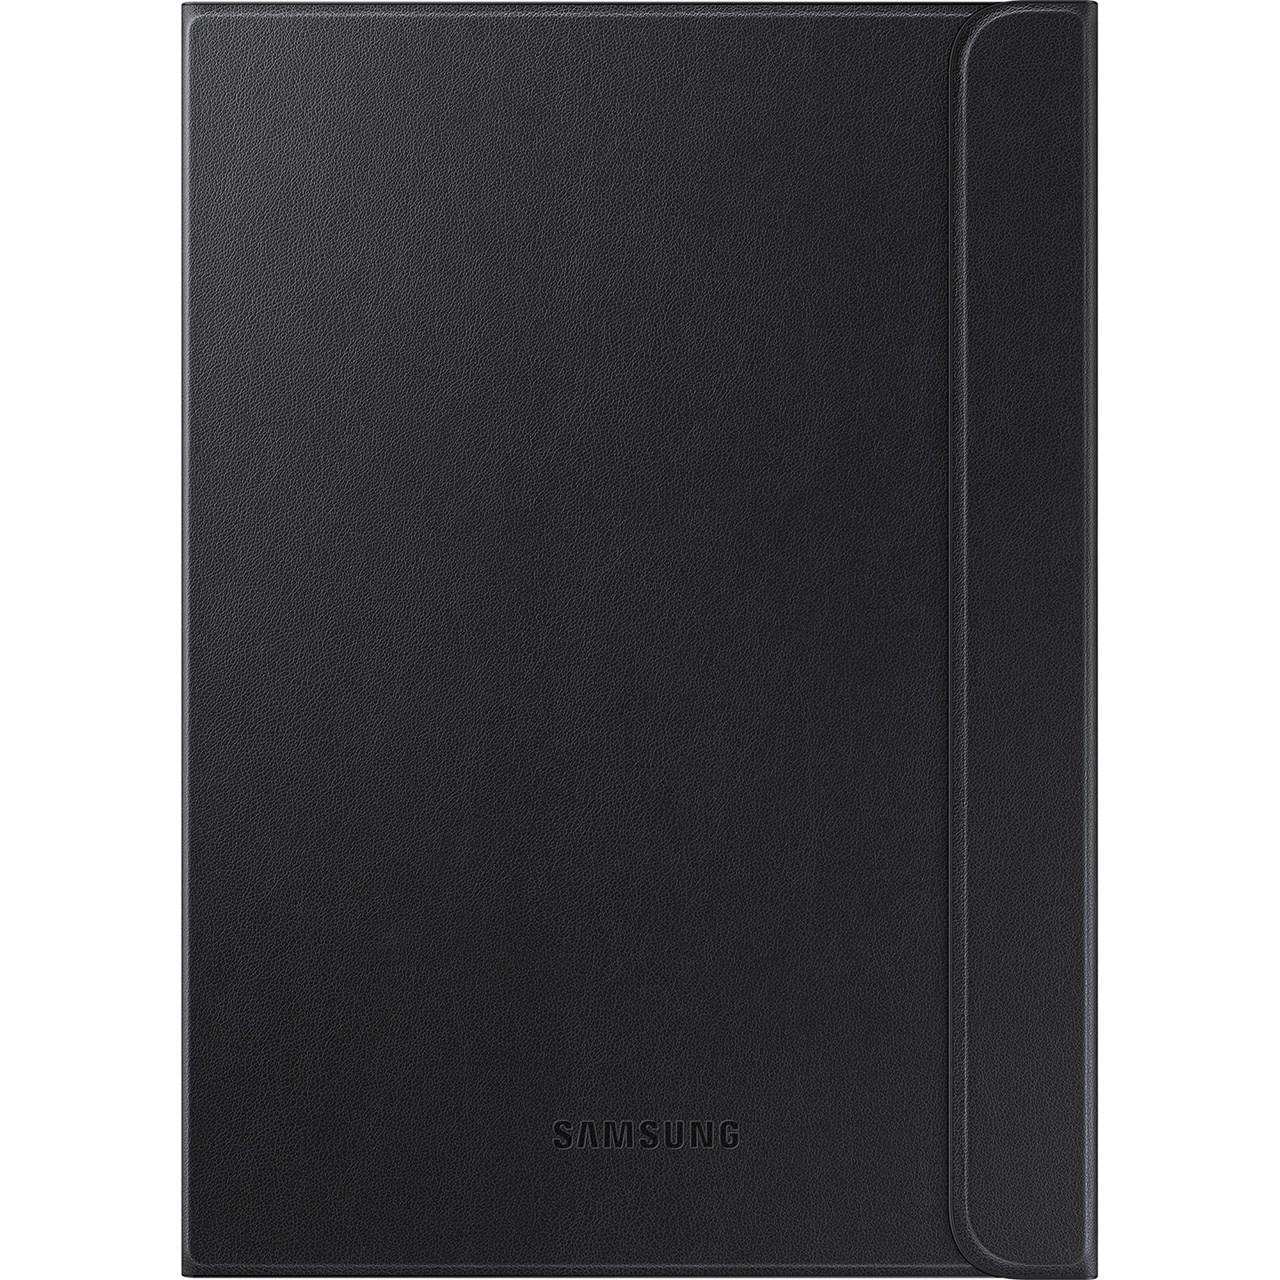 کیف کلاسوری سامسونگ مدل Book Cover مناسب برای تبلت سامسونگ Galaxy Tab S2 8.0 Inch